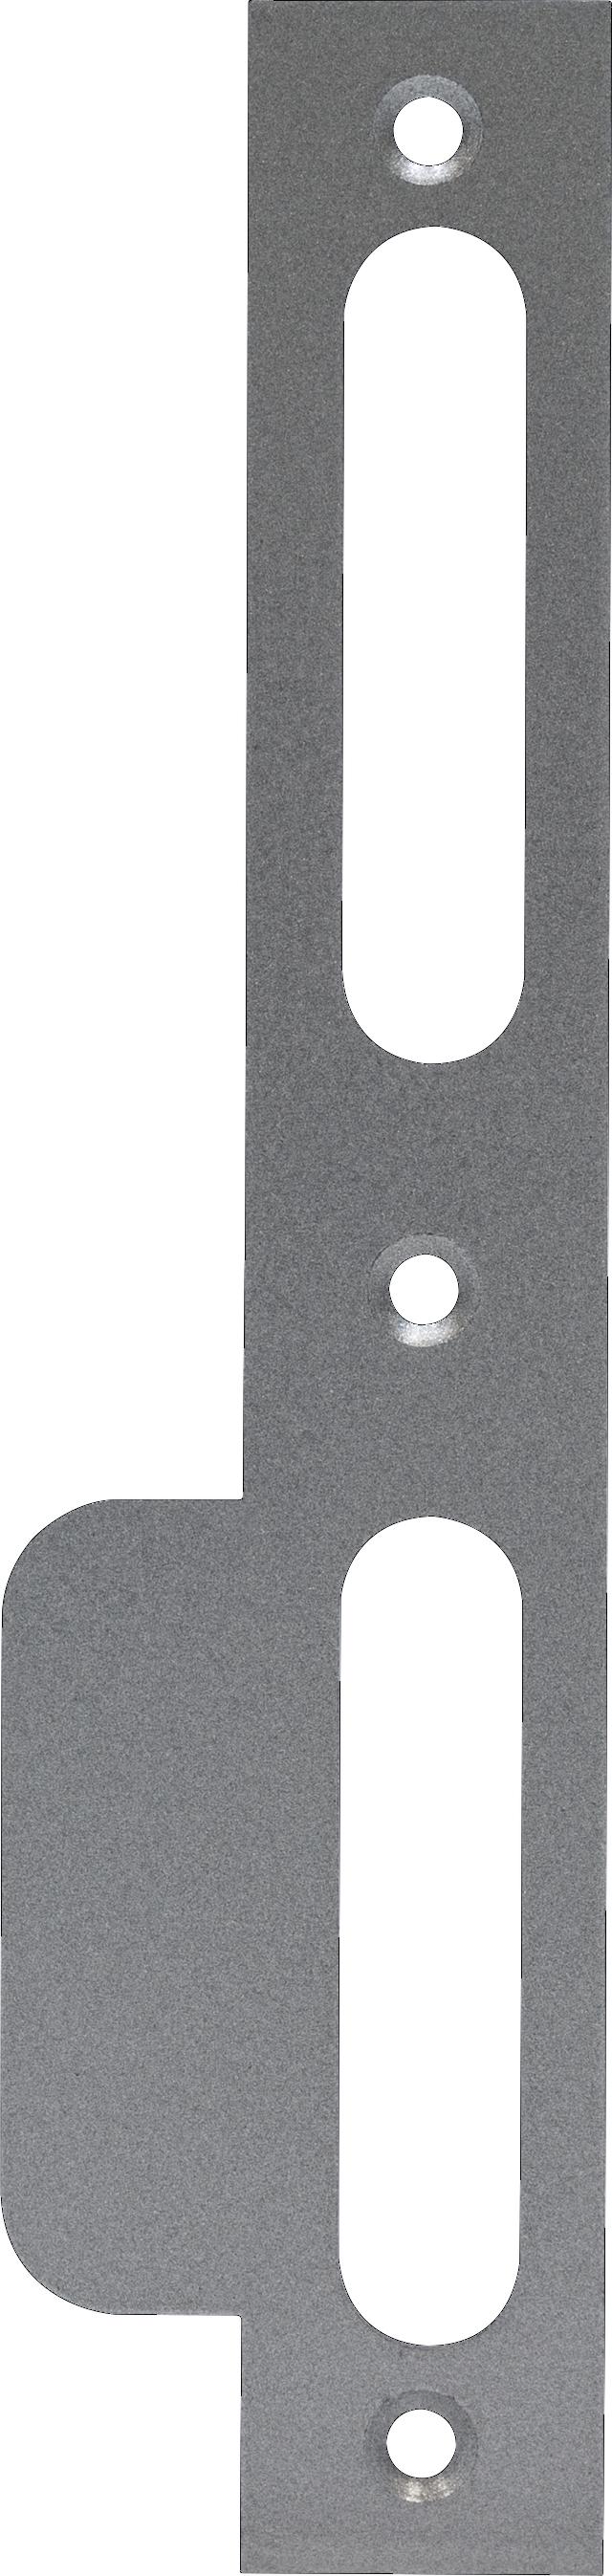 Lappenschließblech LSB170